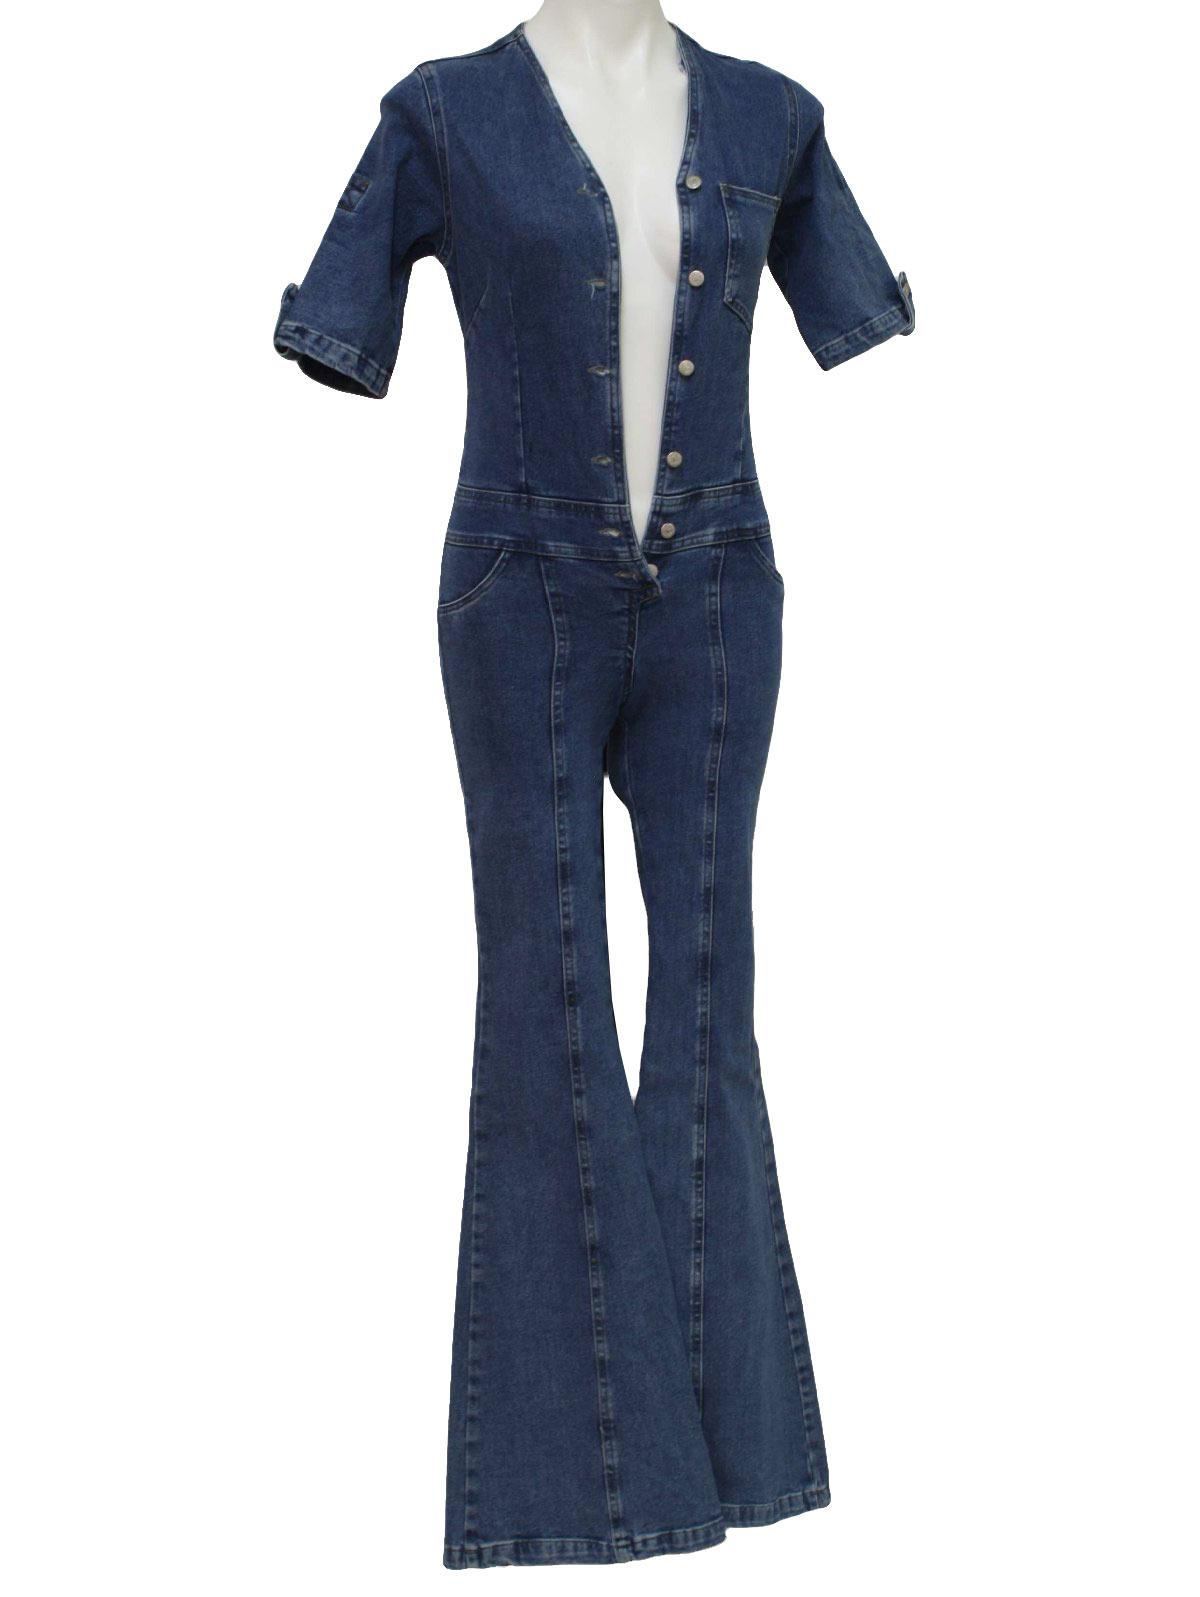 Vintage Embrujo Nineties Bellbottom Pants: 90s -Embrujo- Girls ...